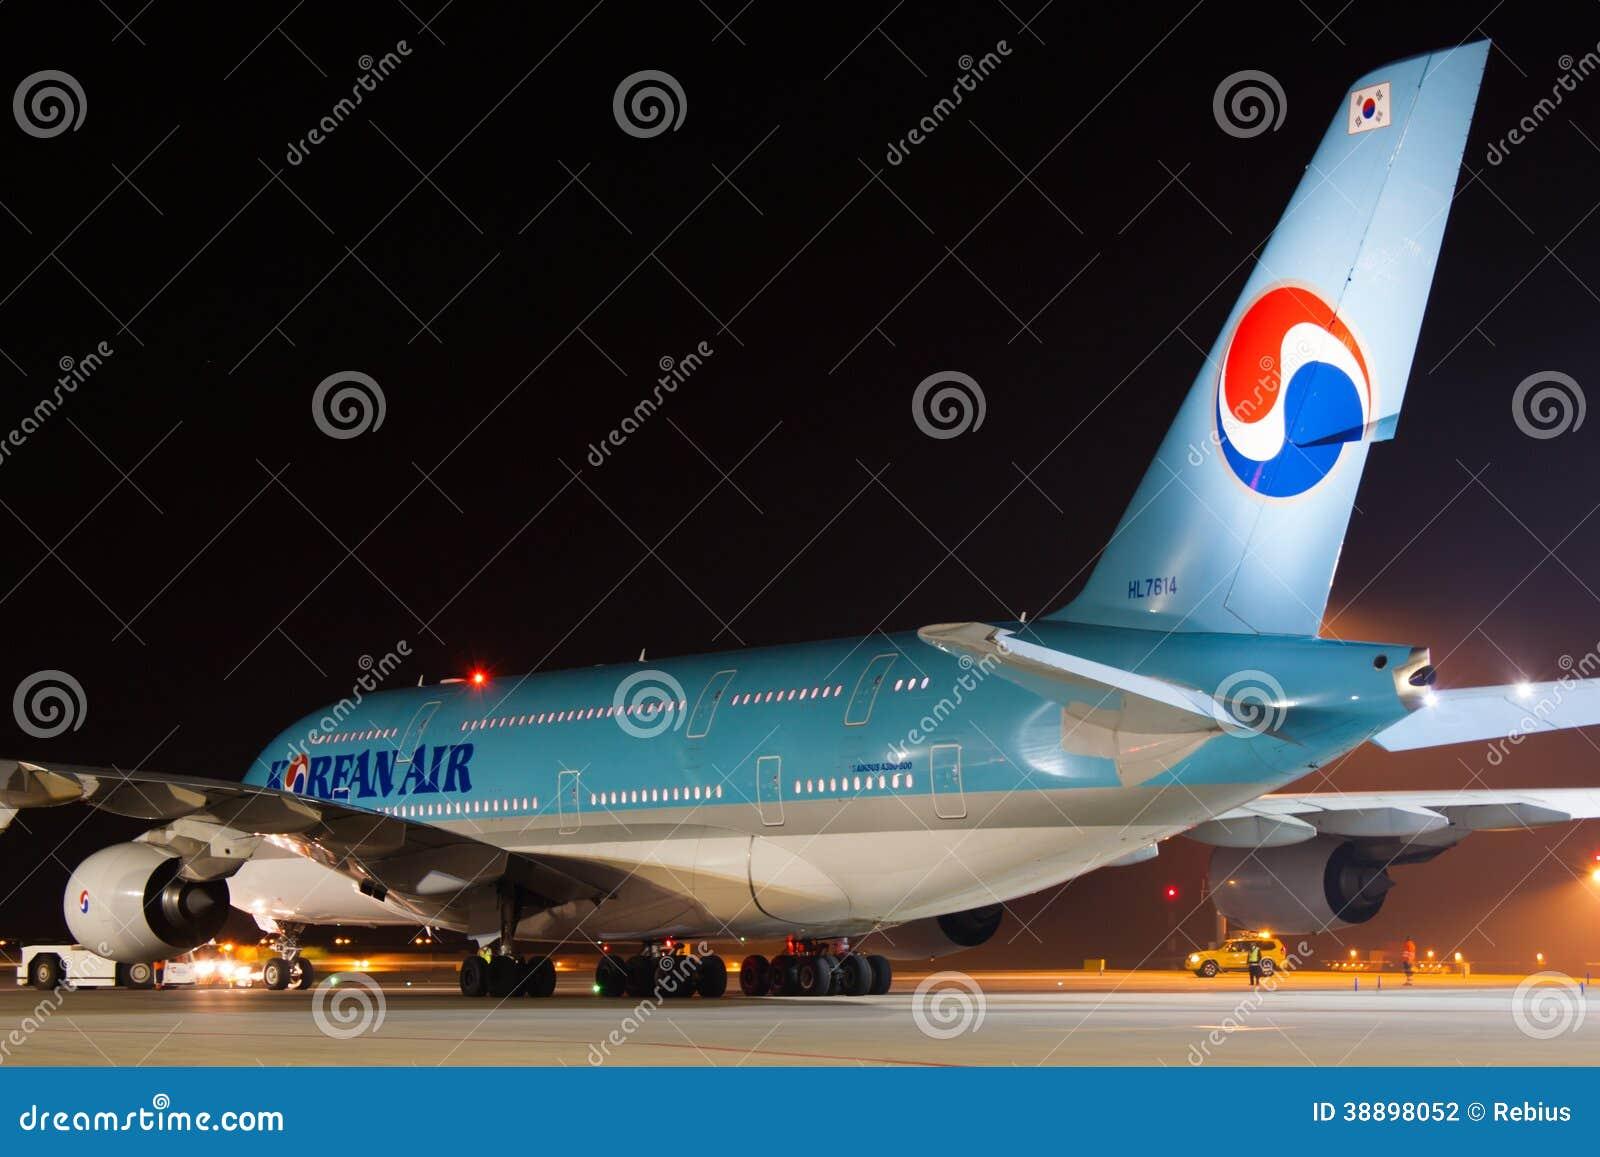 A380 Korean Air